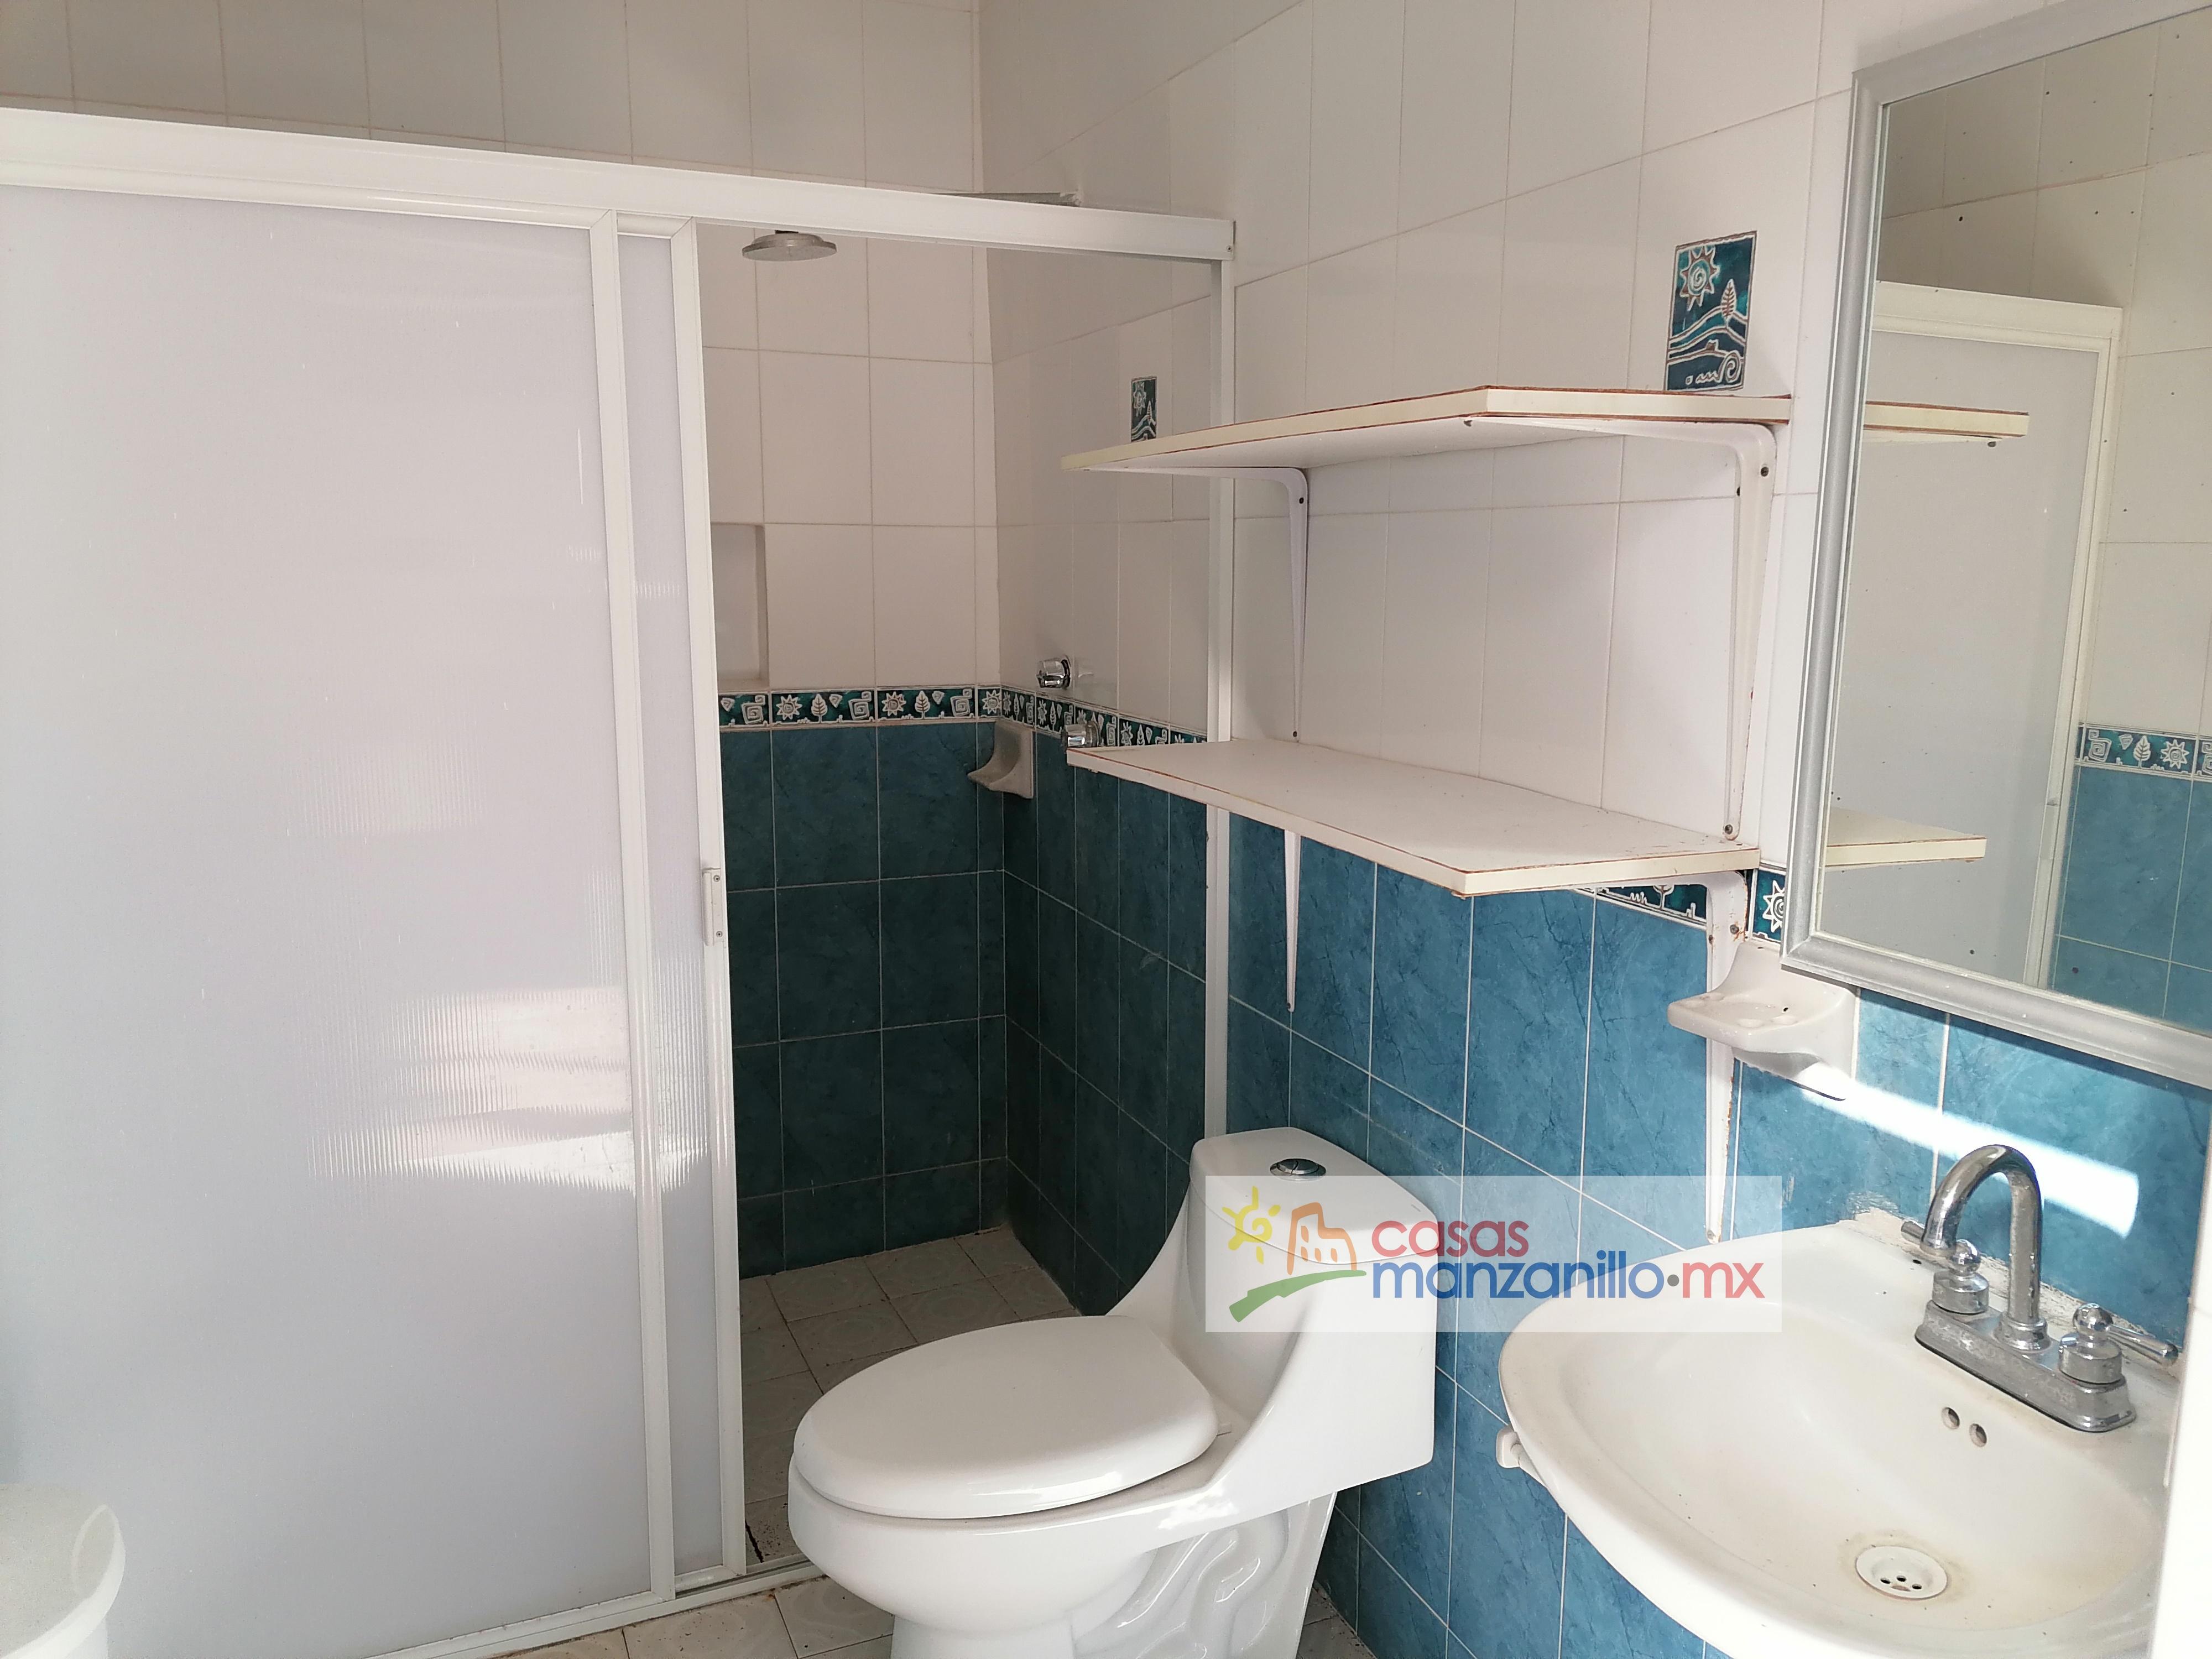 Casas RENTA Manzanillo - Salagua (21)